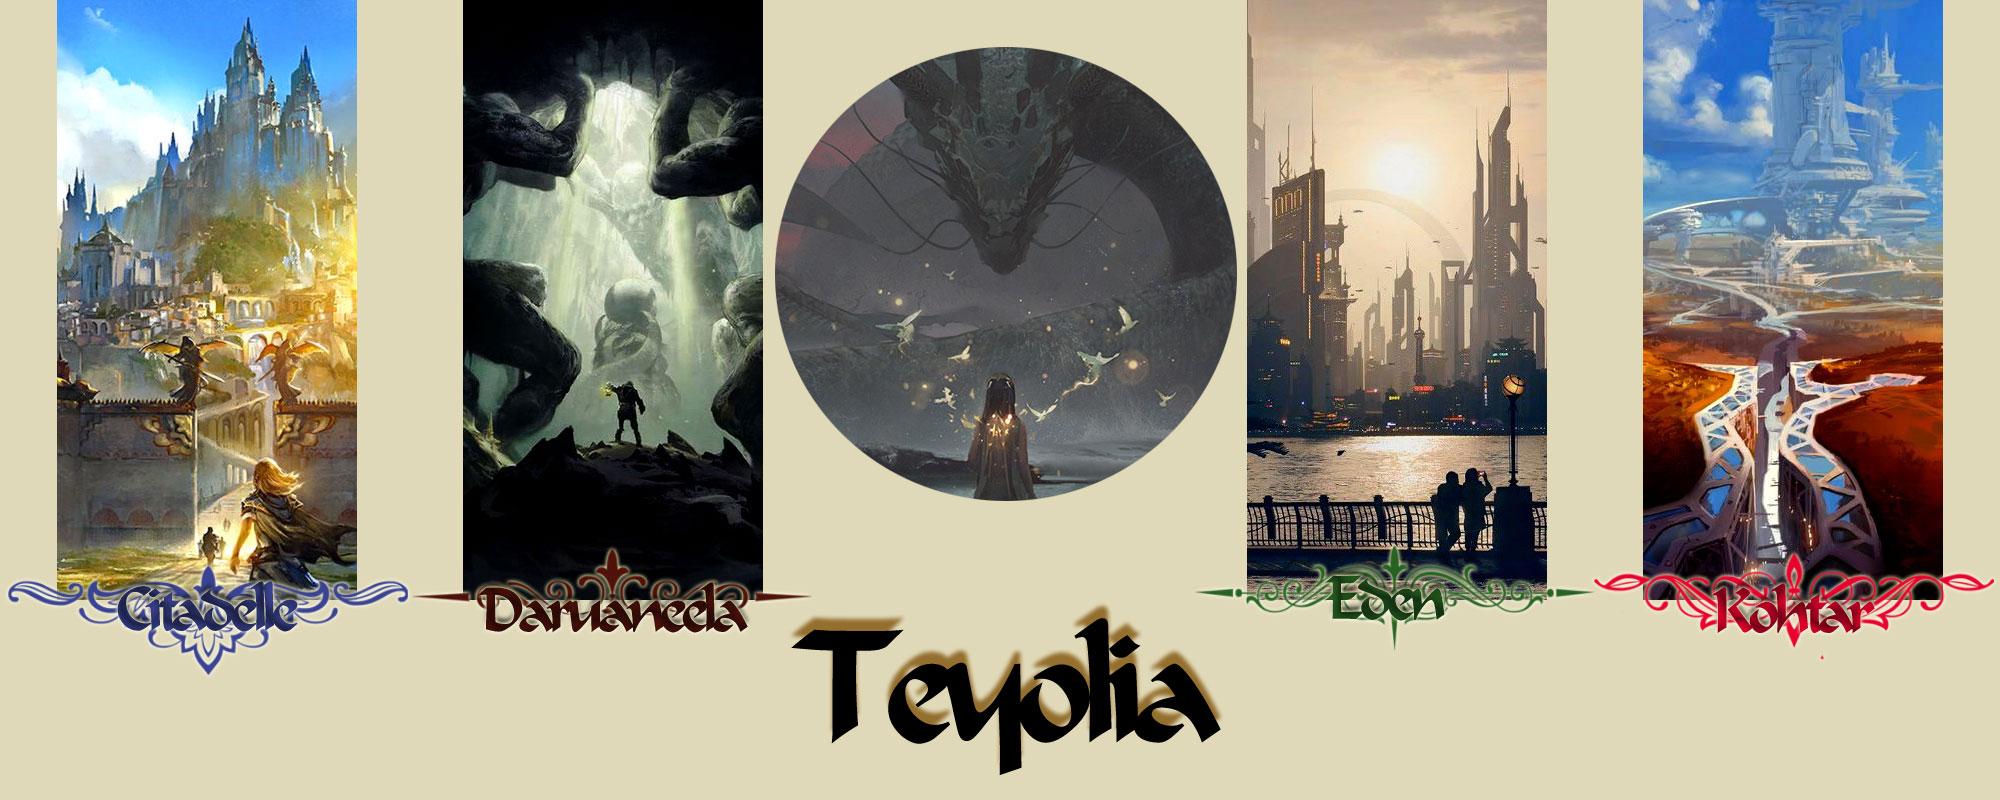 Teyolia